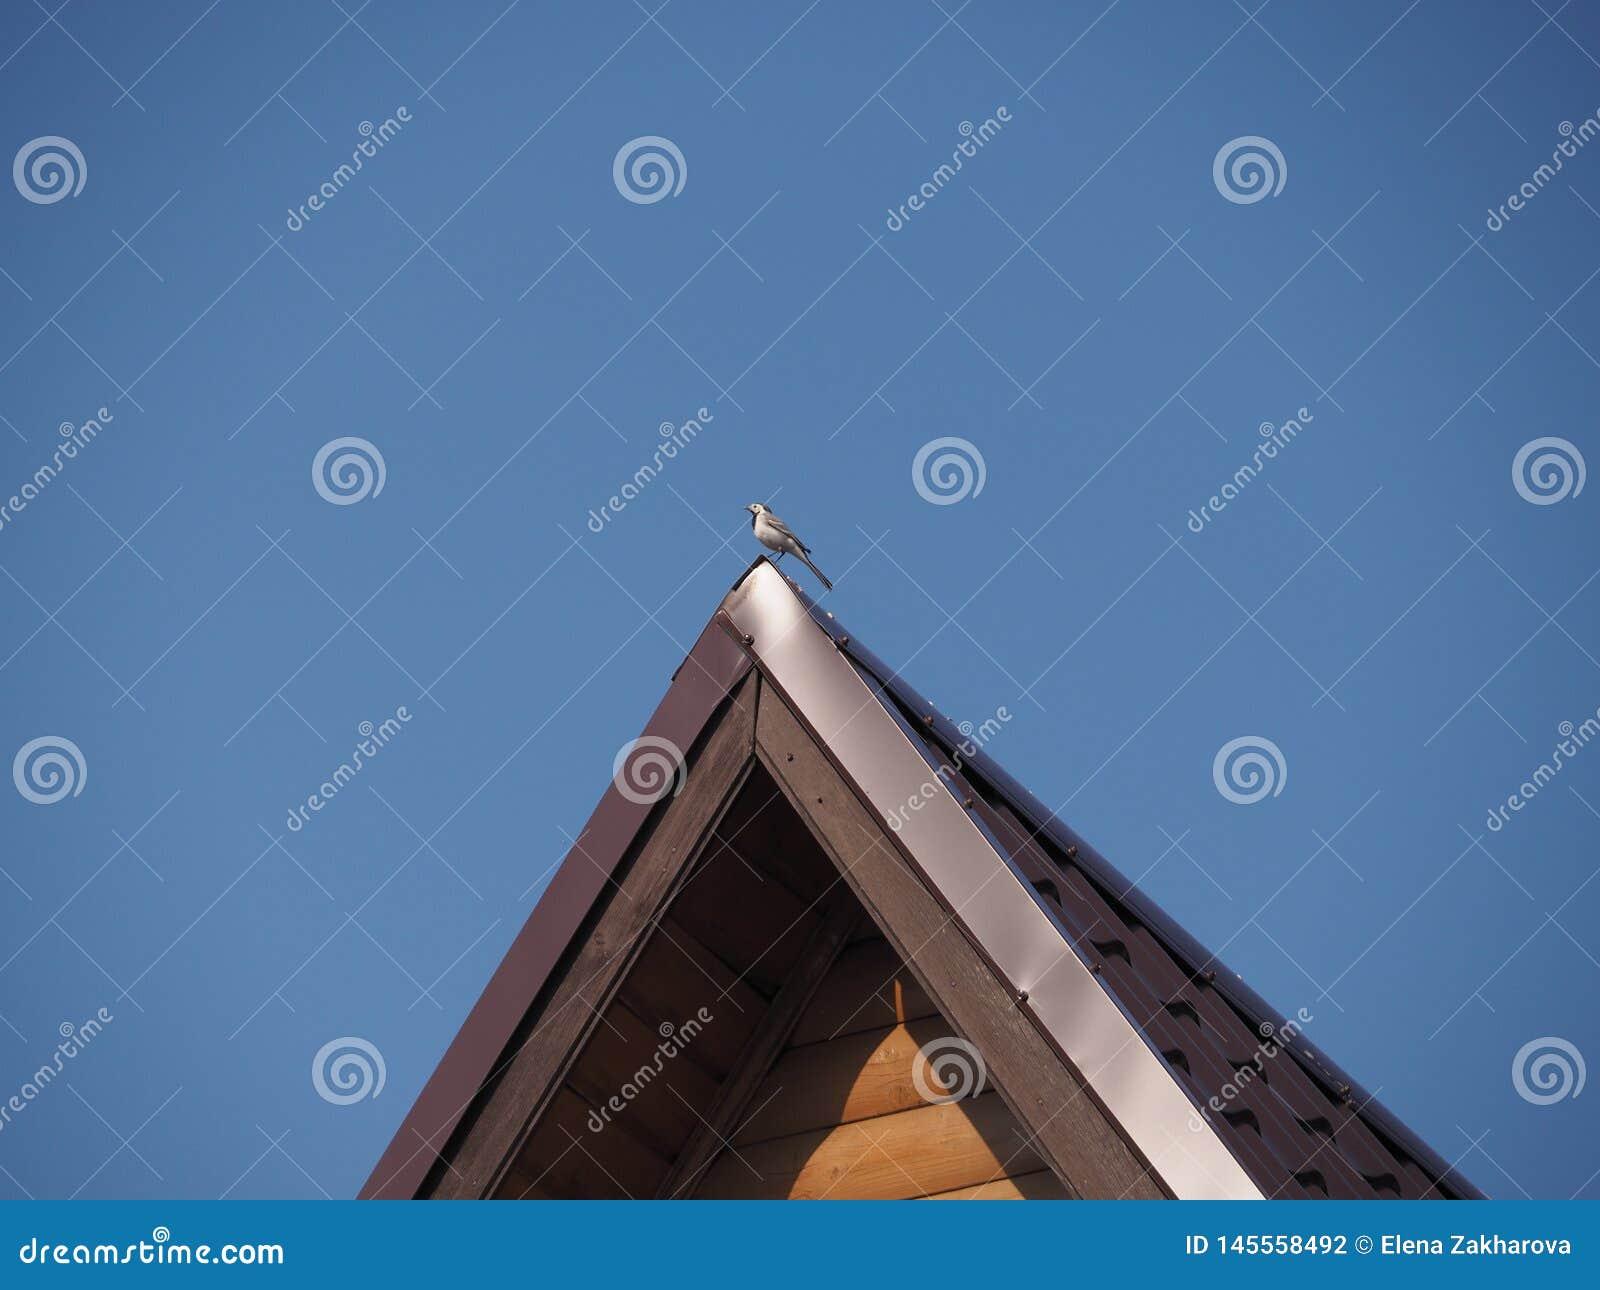 Vogel-Bachstelze auf der Kante des Dachs des Hauses im blauen Himmel